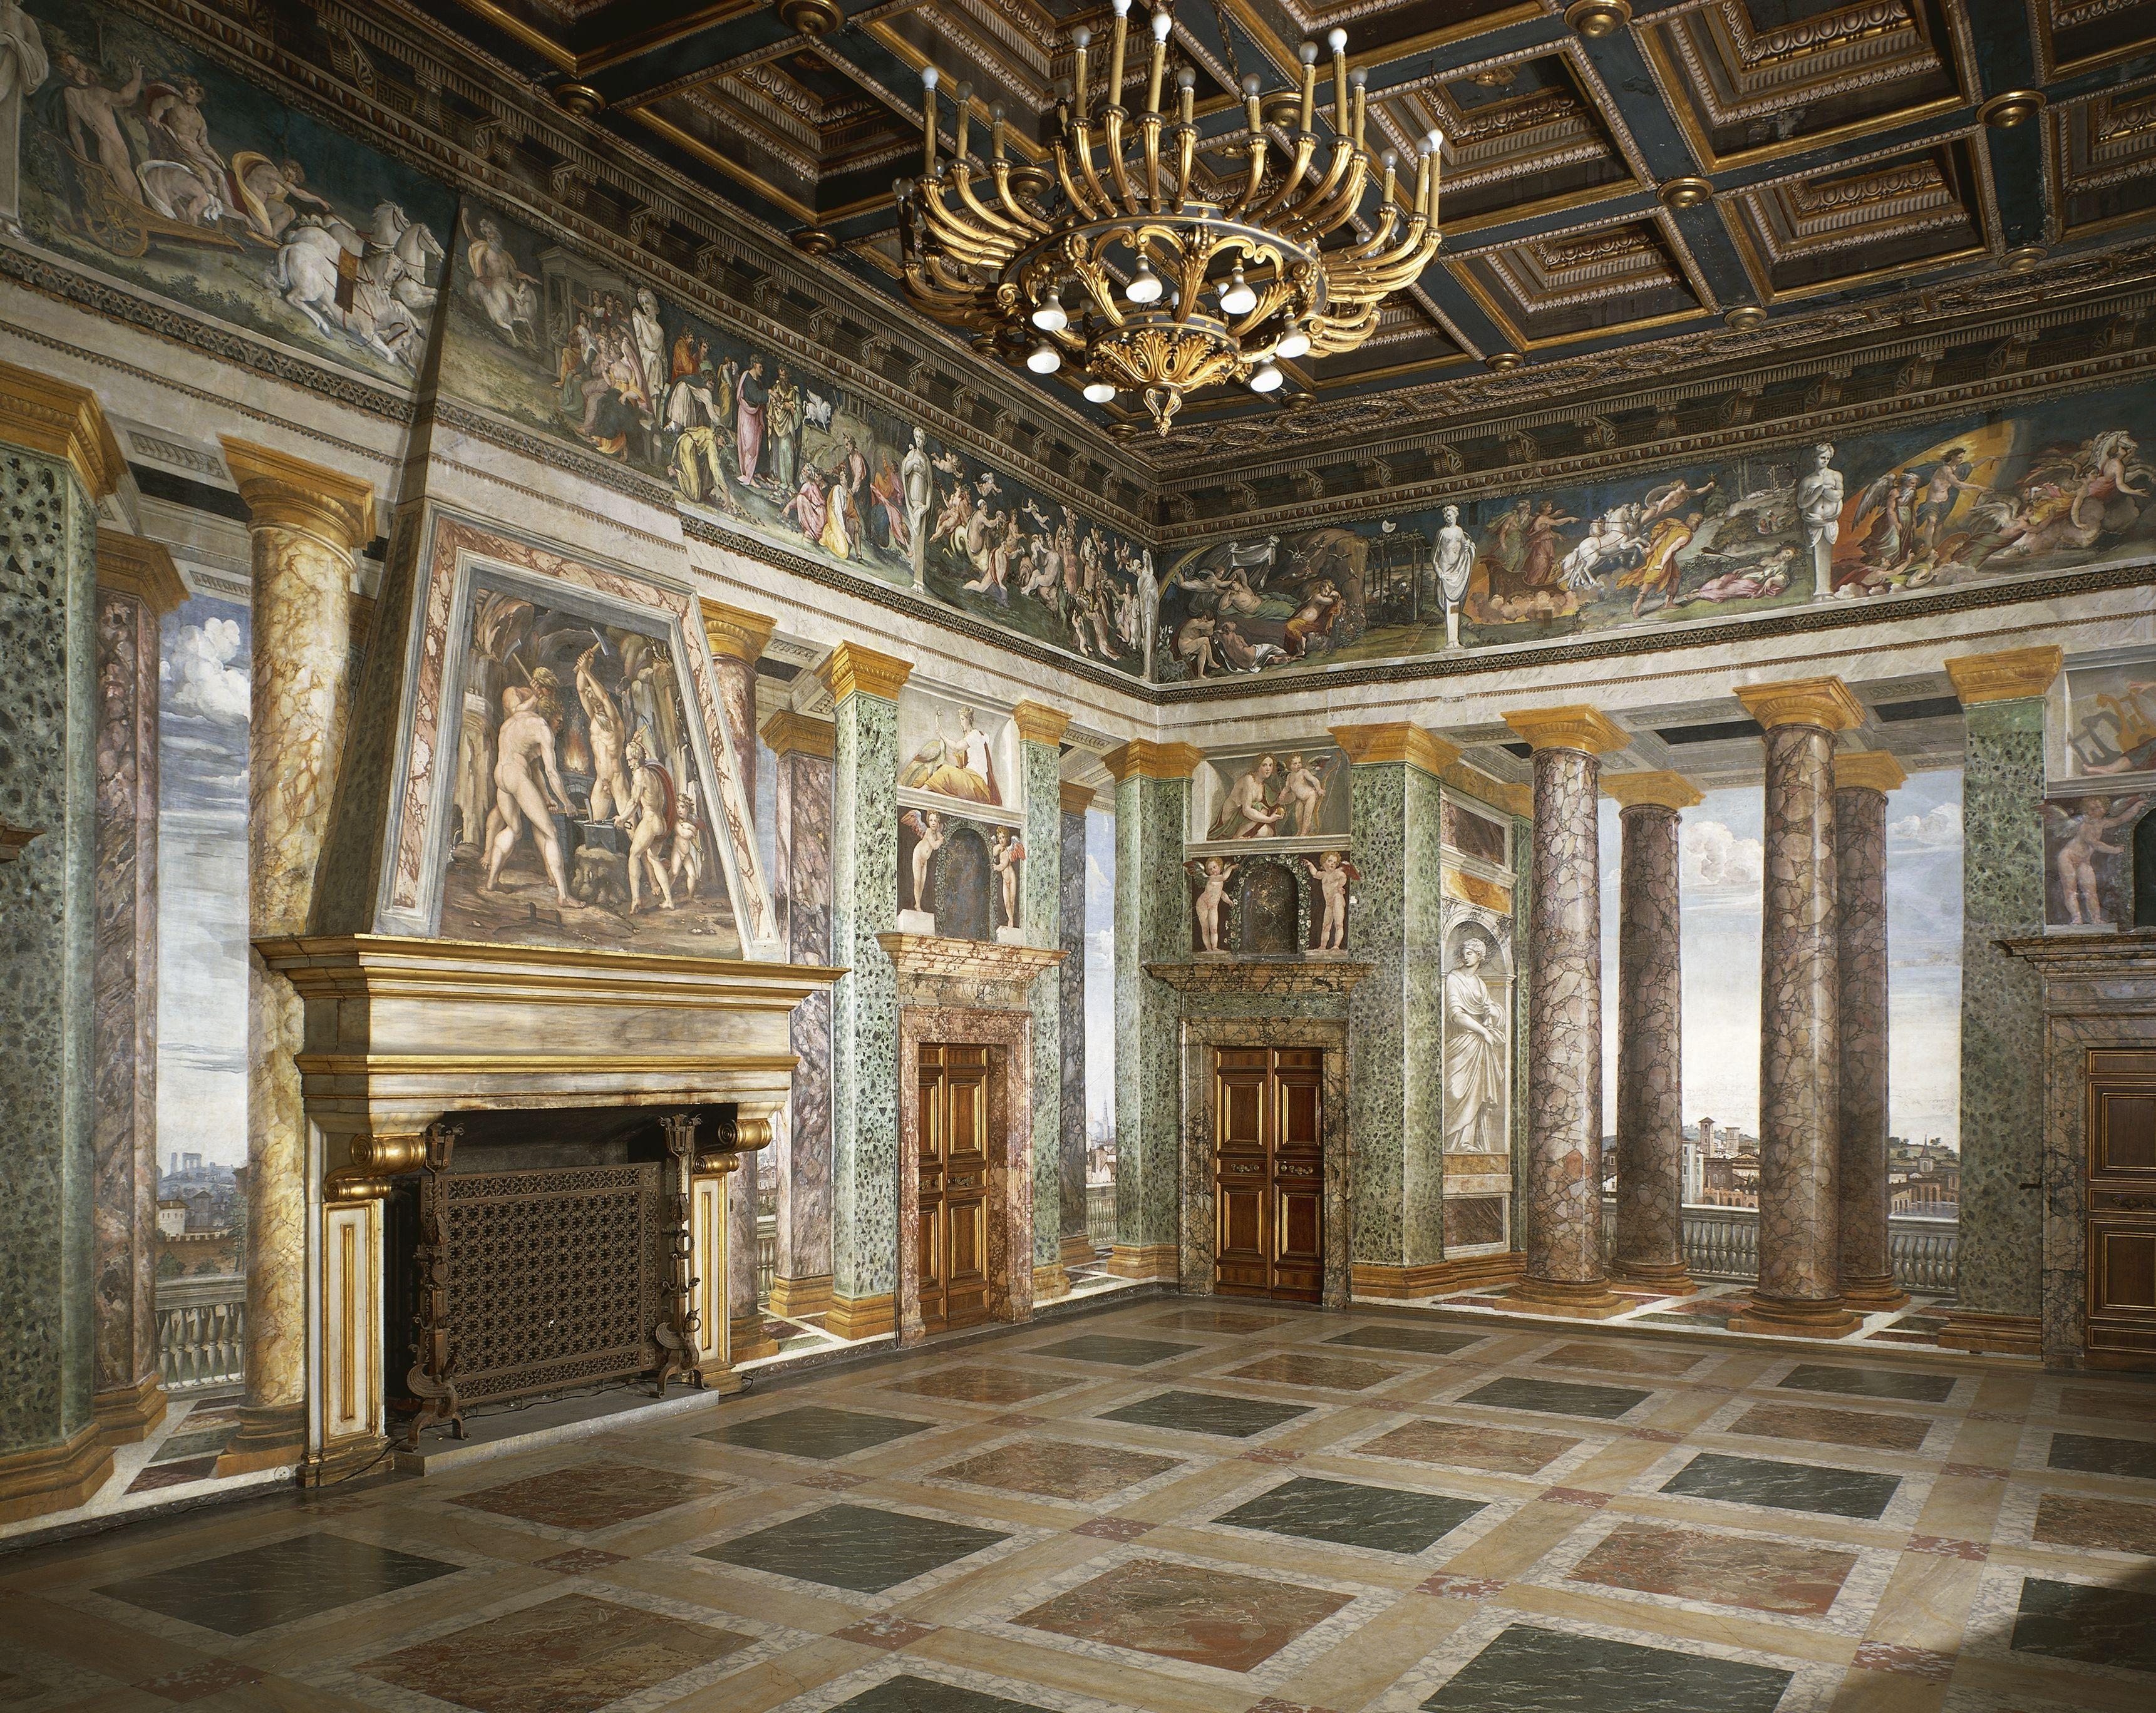 Pasillo de las perspectivas, con frescos de Baldassarre Peruzzi, Villa Farnesina, Roma, Italia, siglo XVI